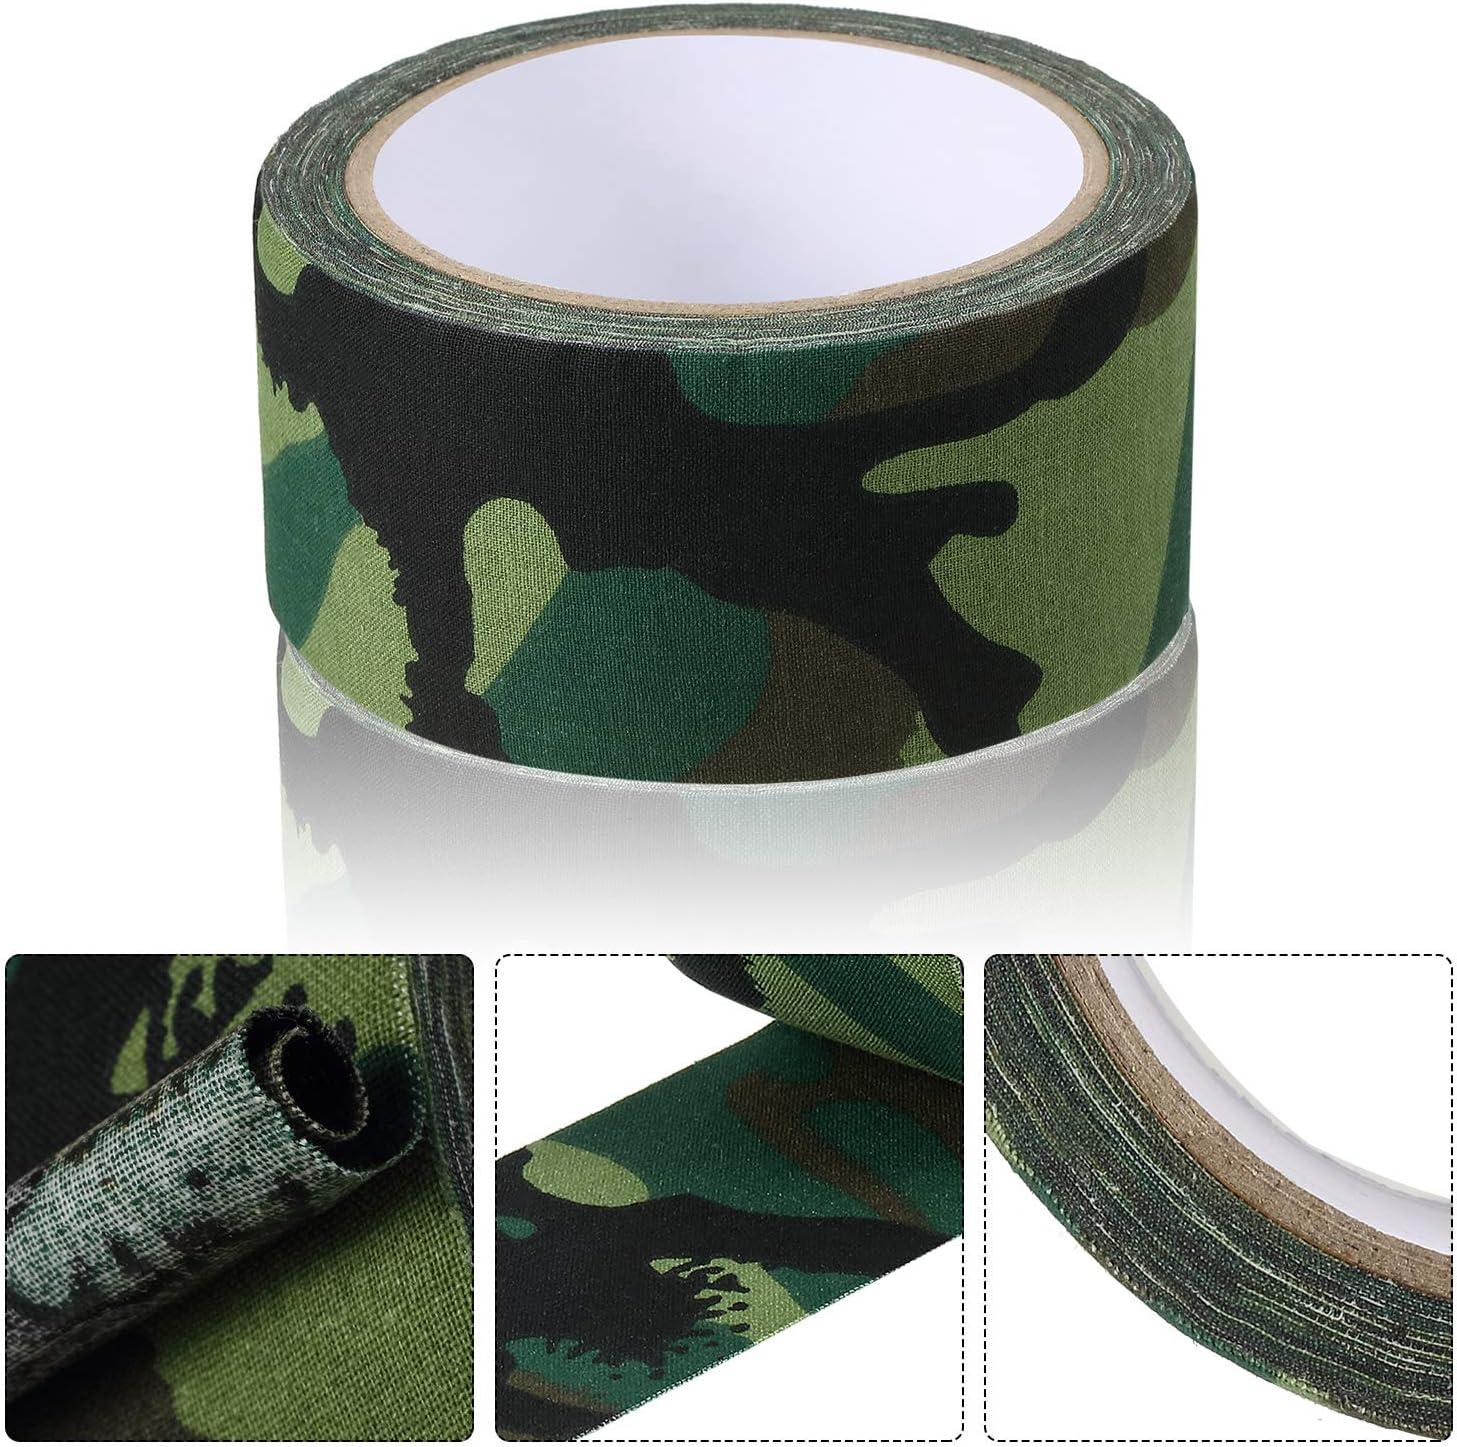 Outus Cinta de Tela Verde Camuflaje 5 cm x 10 m Cinta Adhesiva de Sellado de Costuras para Reparaci/ón de Correas